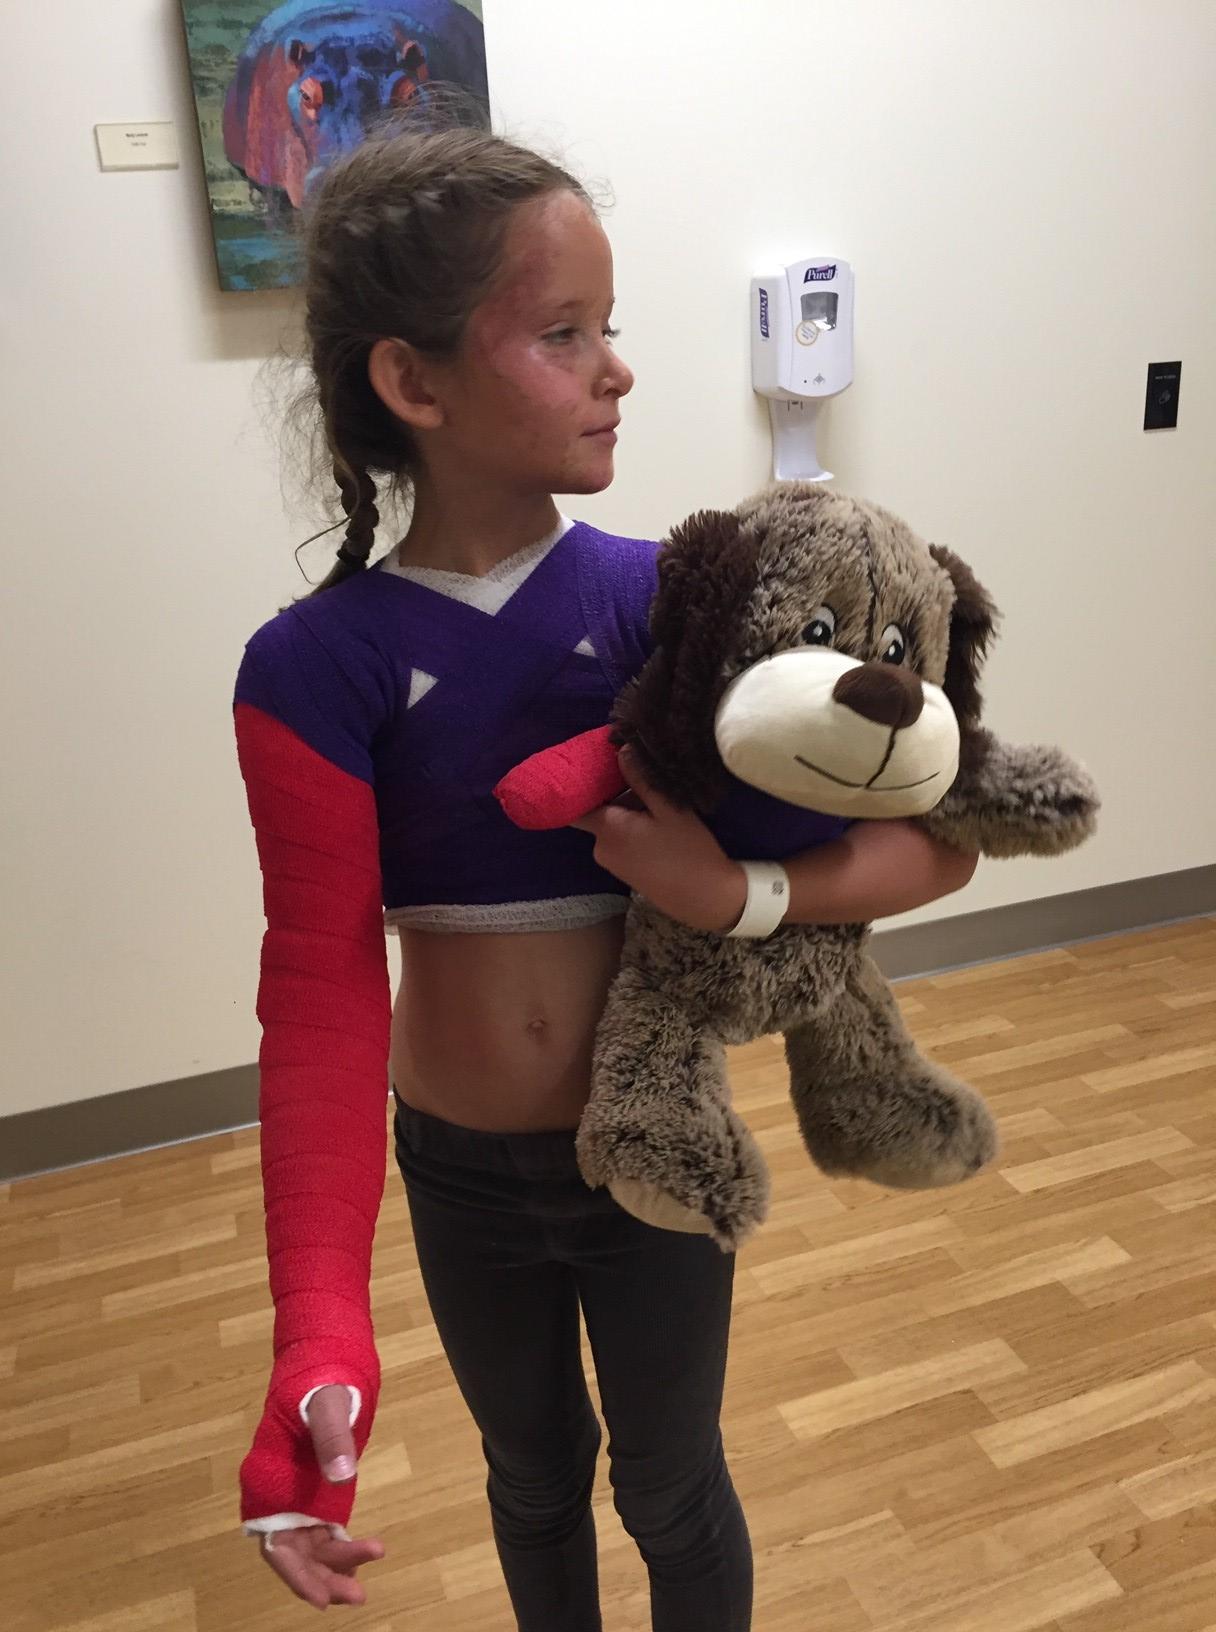 Caroline with Teddy bear and Cast